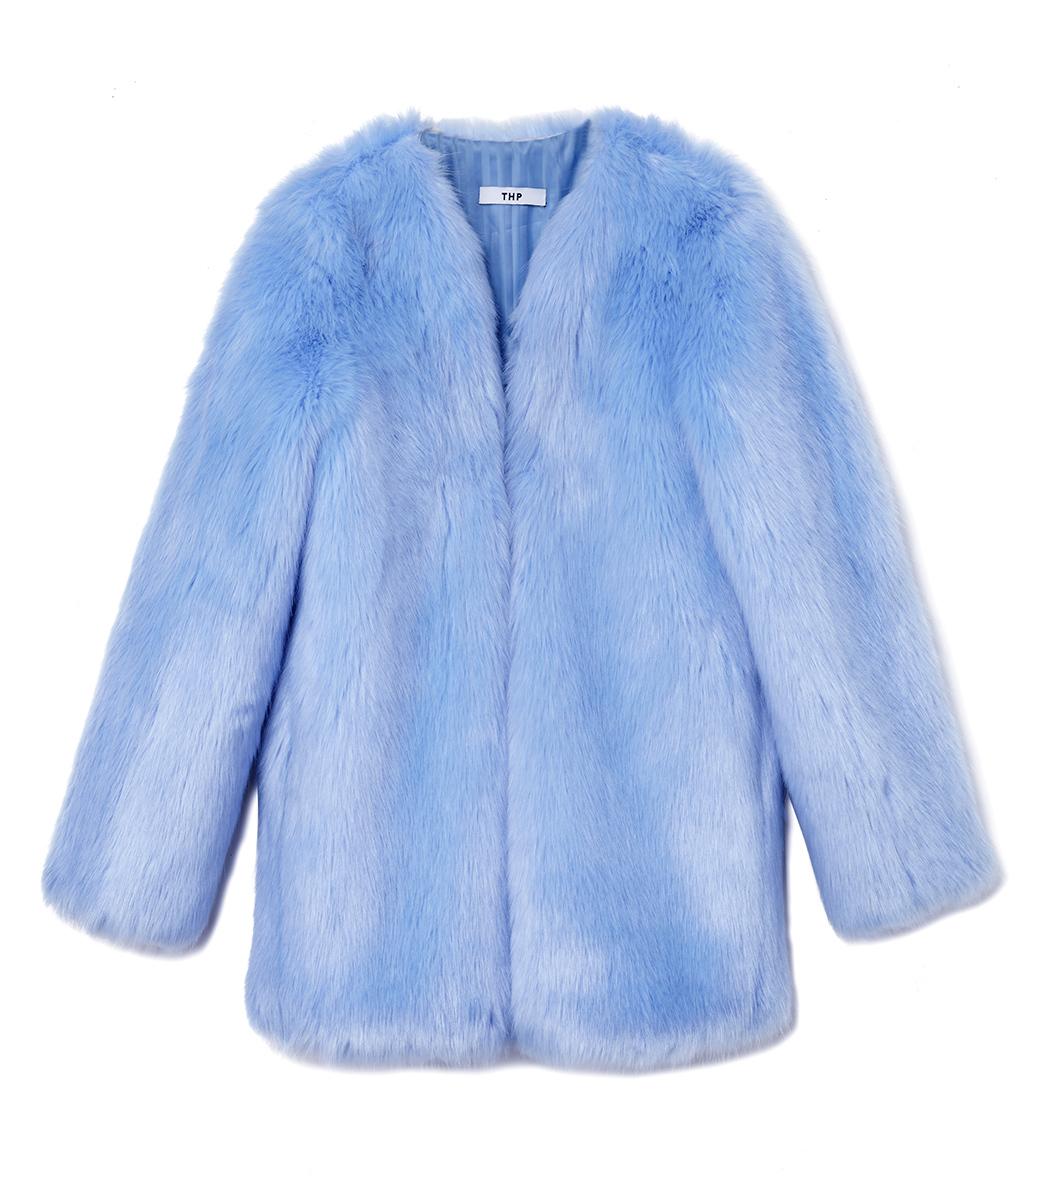 ShopBazaar THP The Boxy Coat MAIN